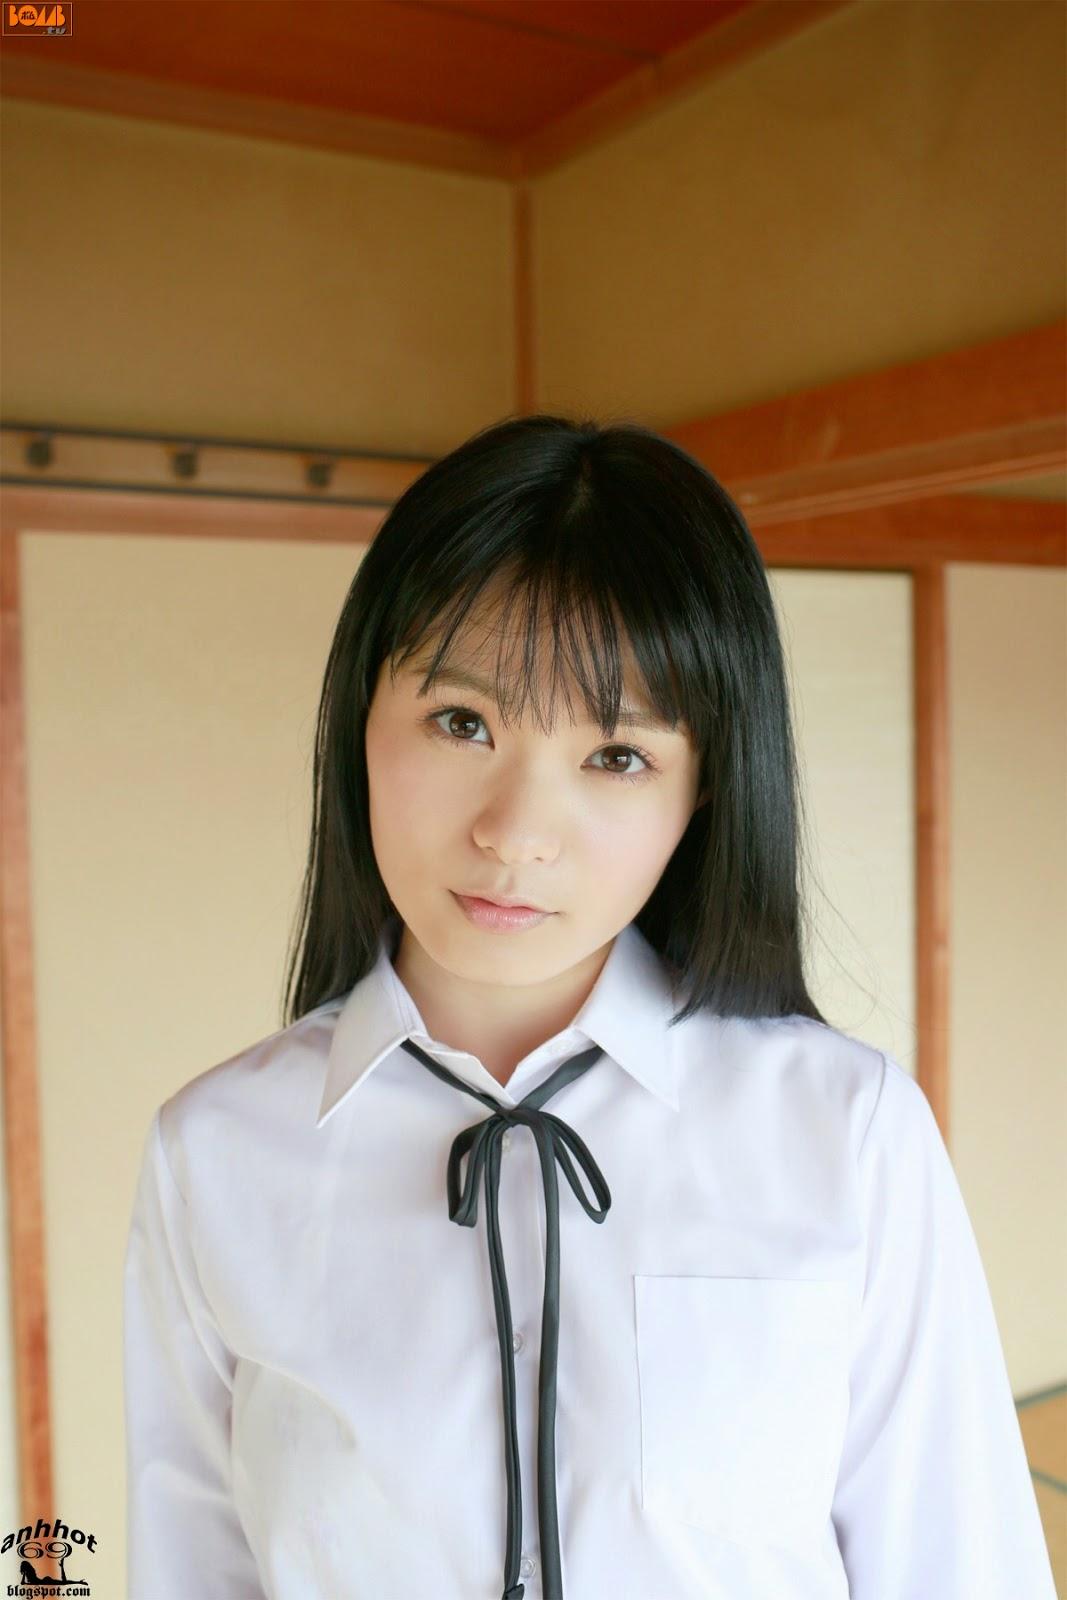 69DV Japanese Jav Idol Maika Misaki 三咲舞花 Pics 13!